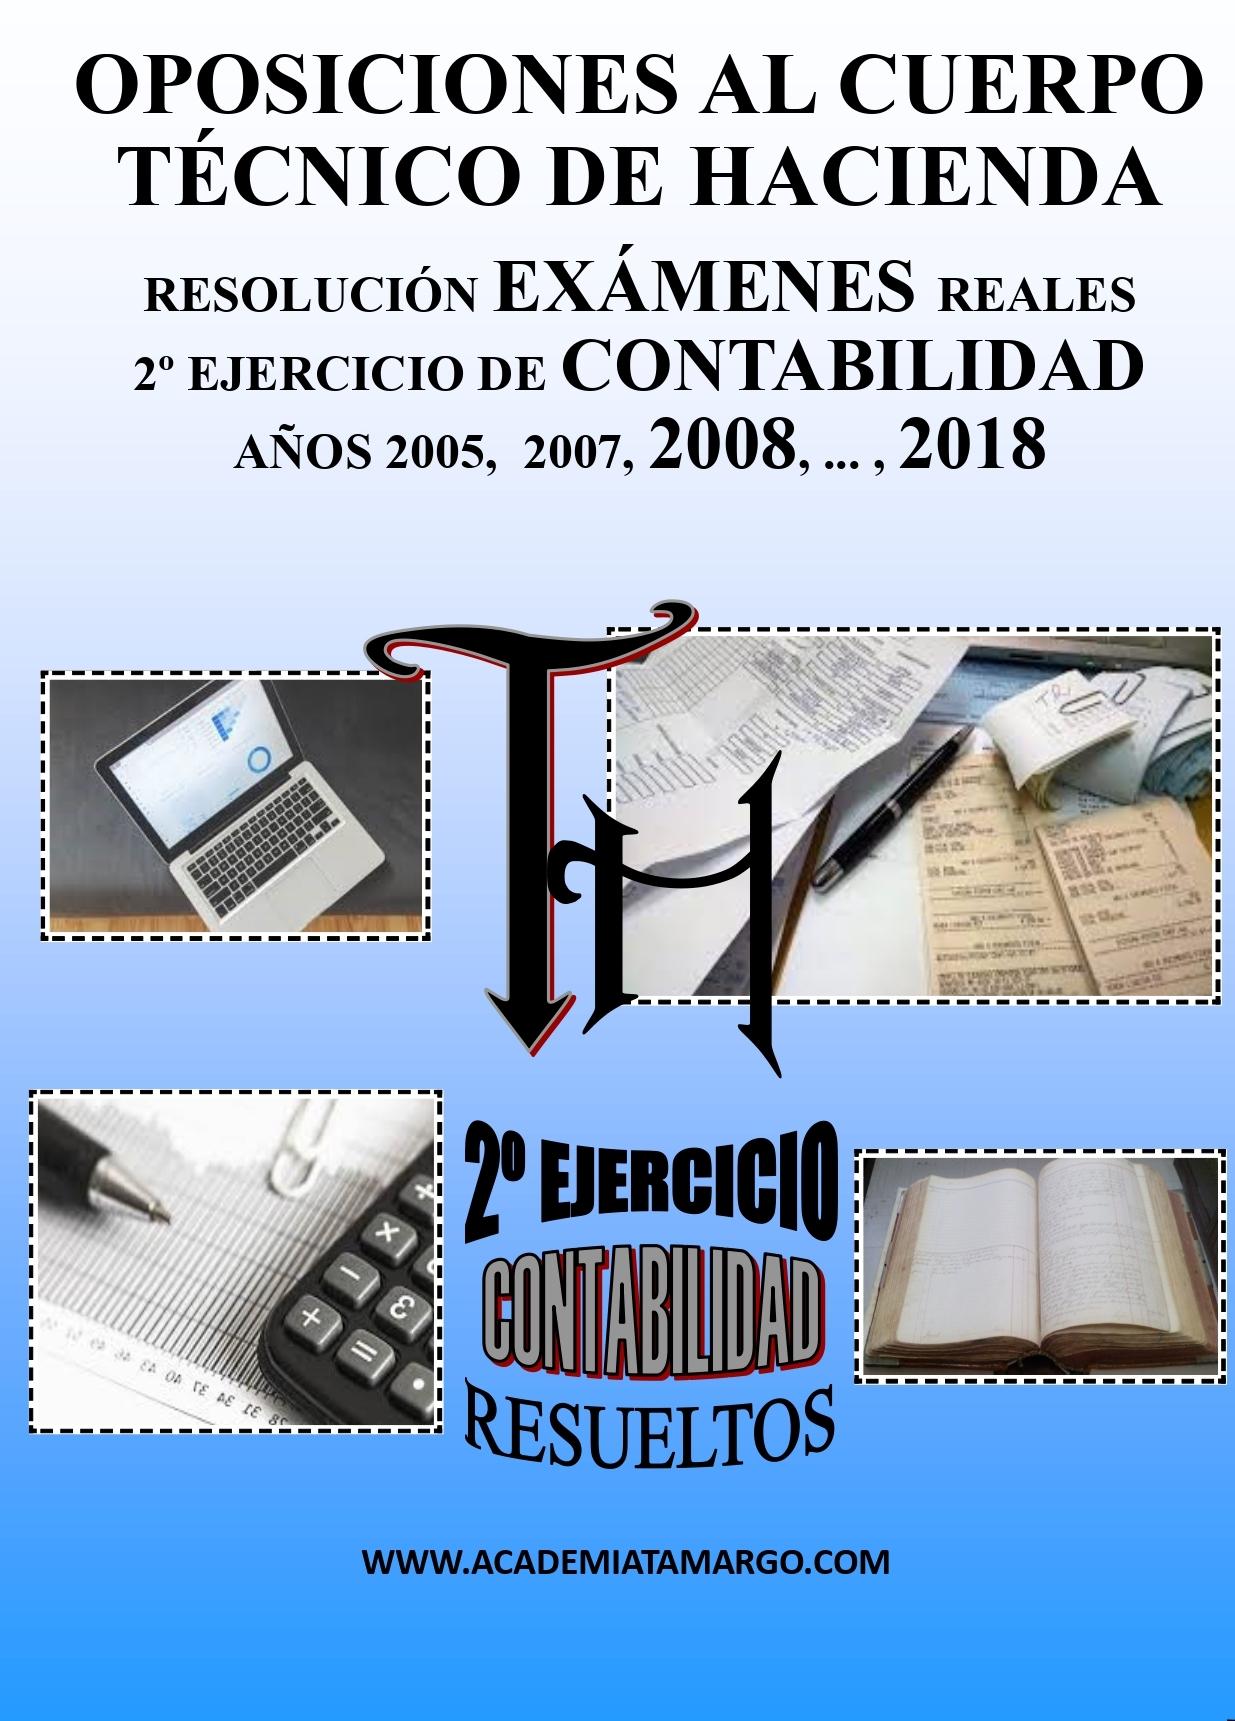 portada, contraportada y lomo de especifico de TÉCNICO DE HACIENDA_page-0001